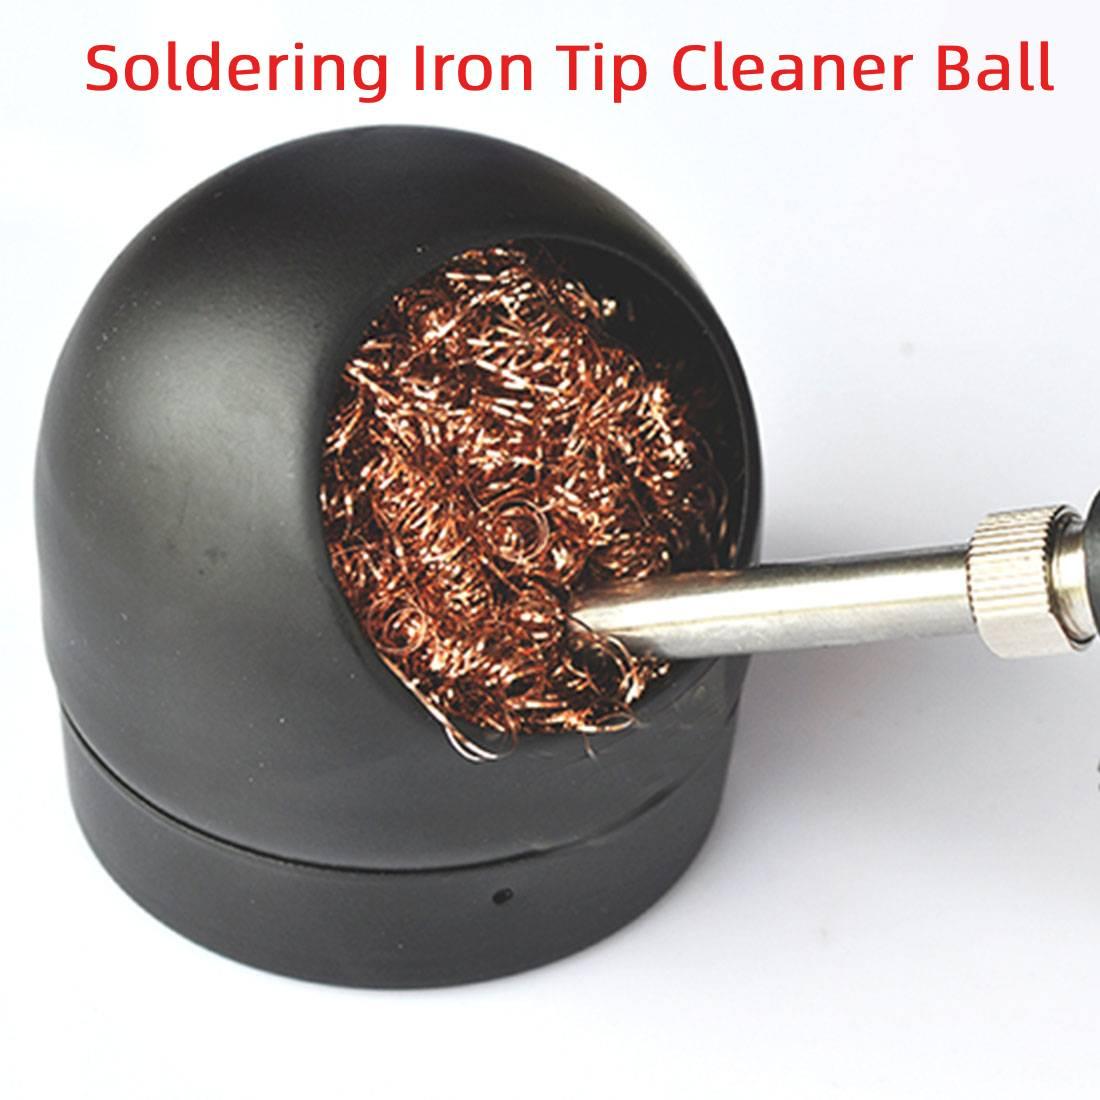 Nettoyant nettoyage fil dacier éponge balles soudage soudure soudure fer pointe pour outil de soudage nettoyage acier boule maille filtre outil